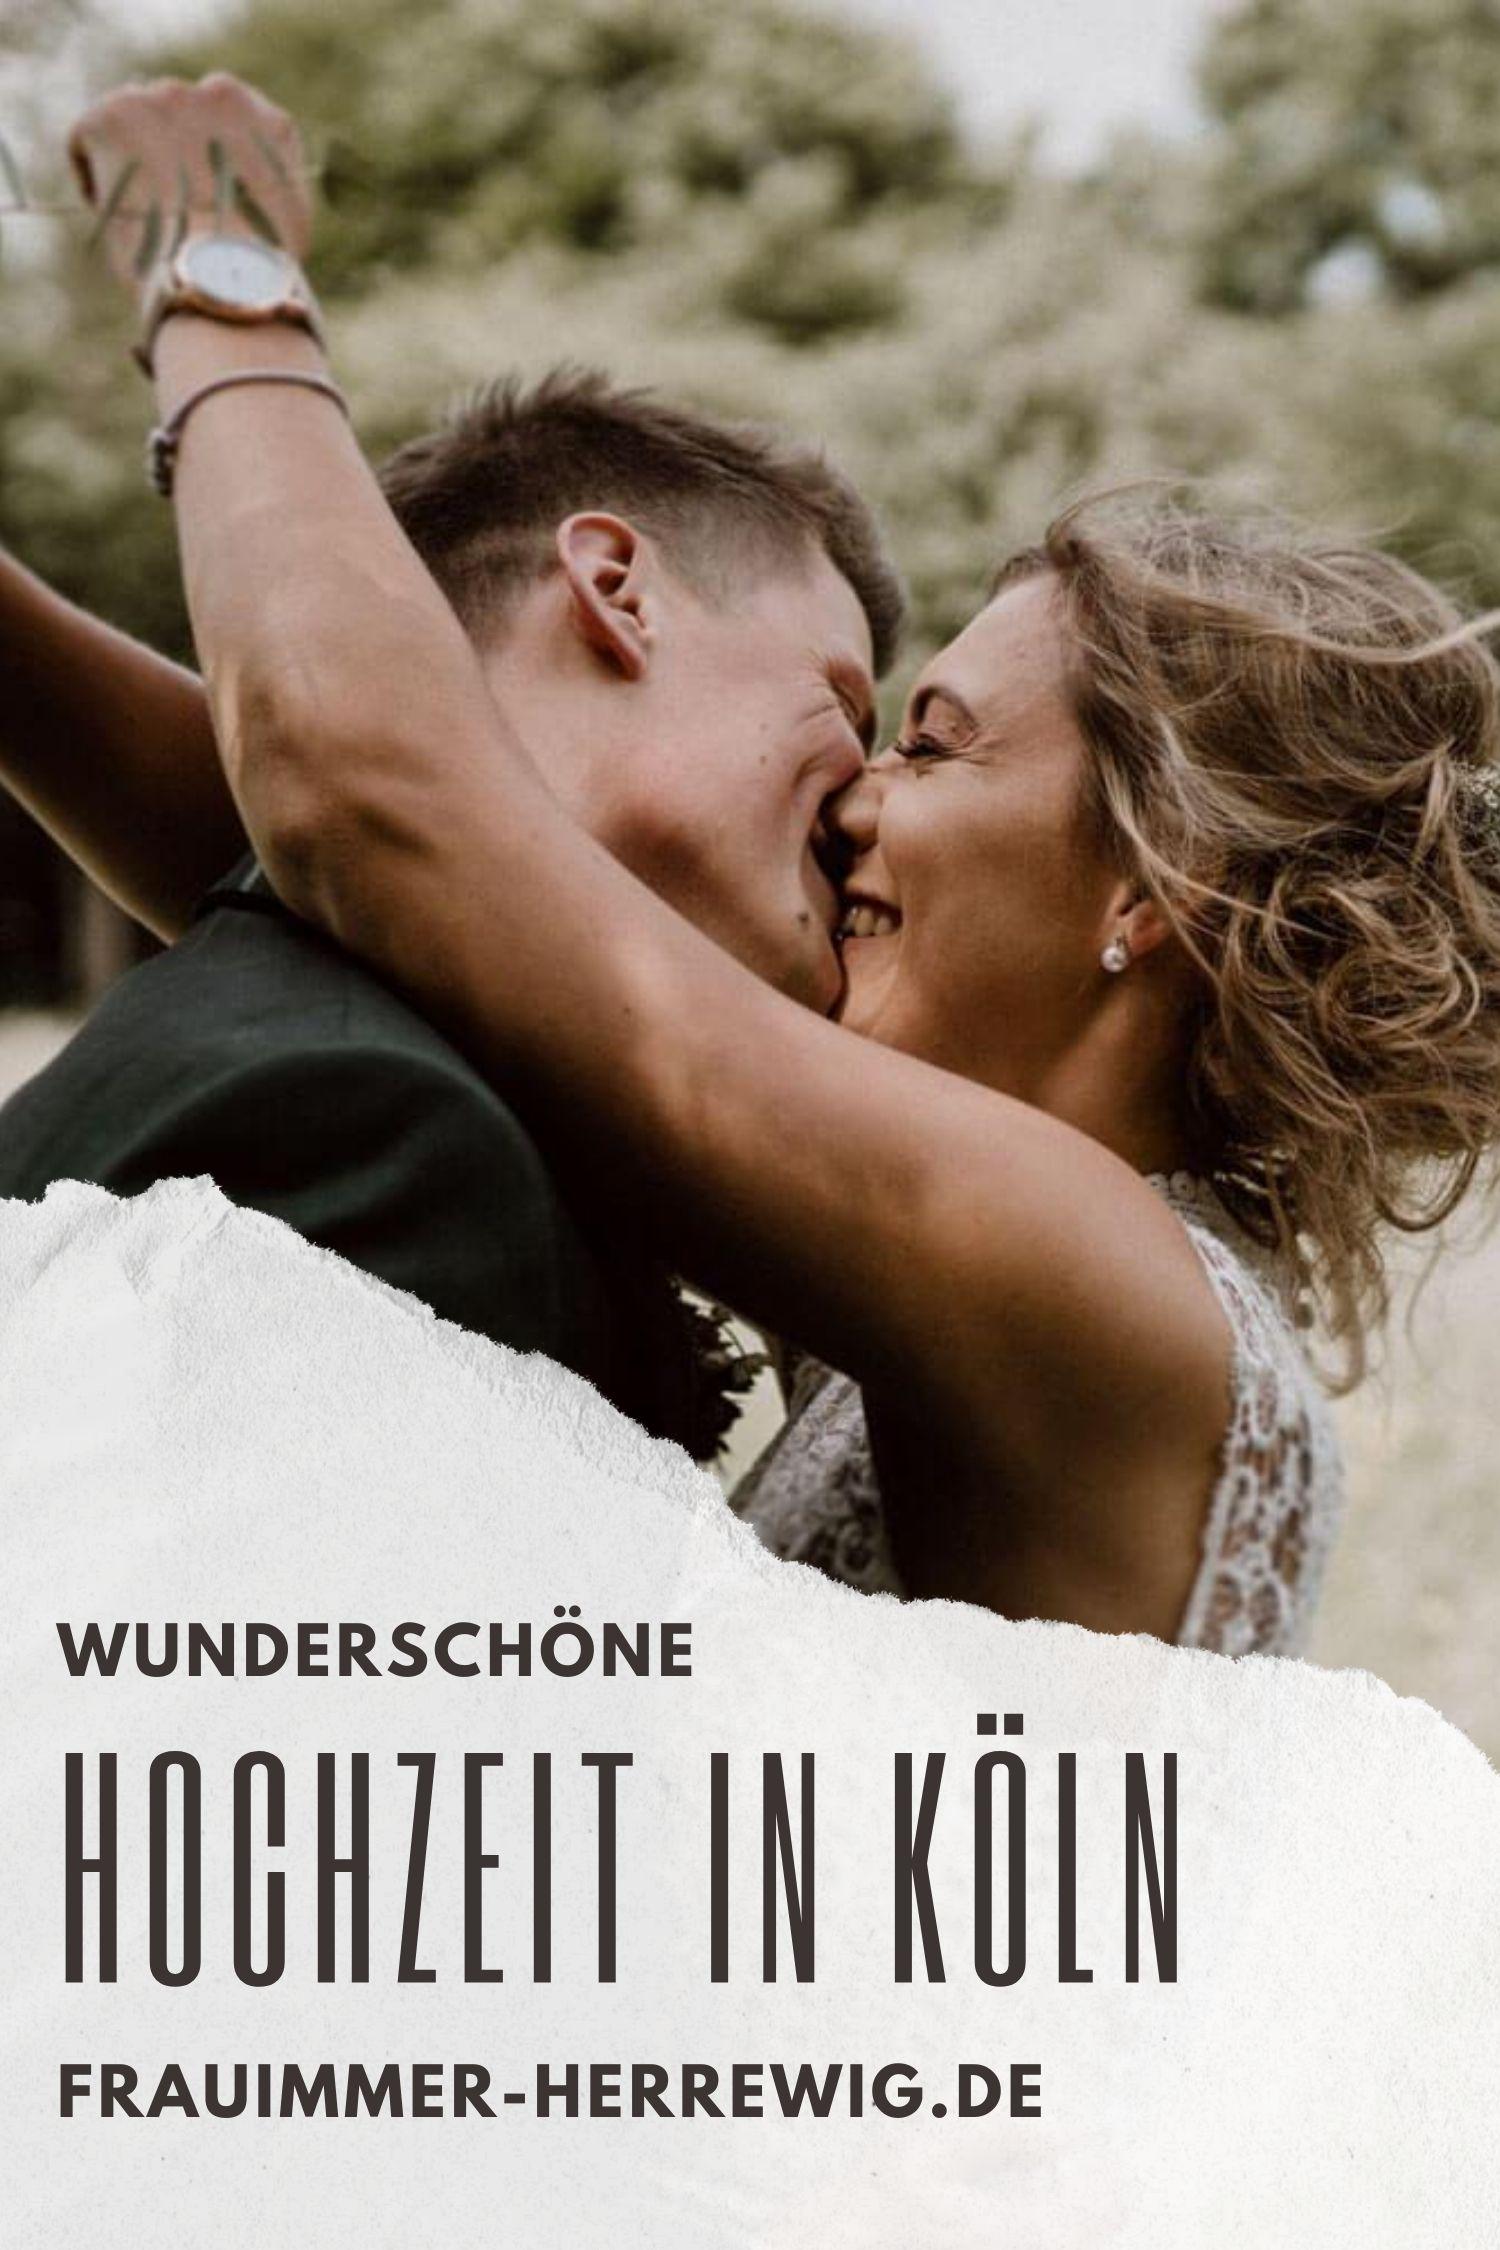 Hochzeit in koeln – gesehen bei frauimmer-herrewig.de